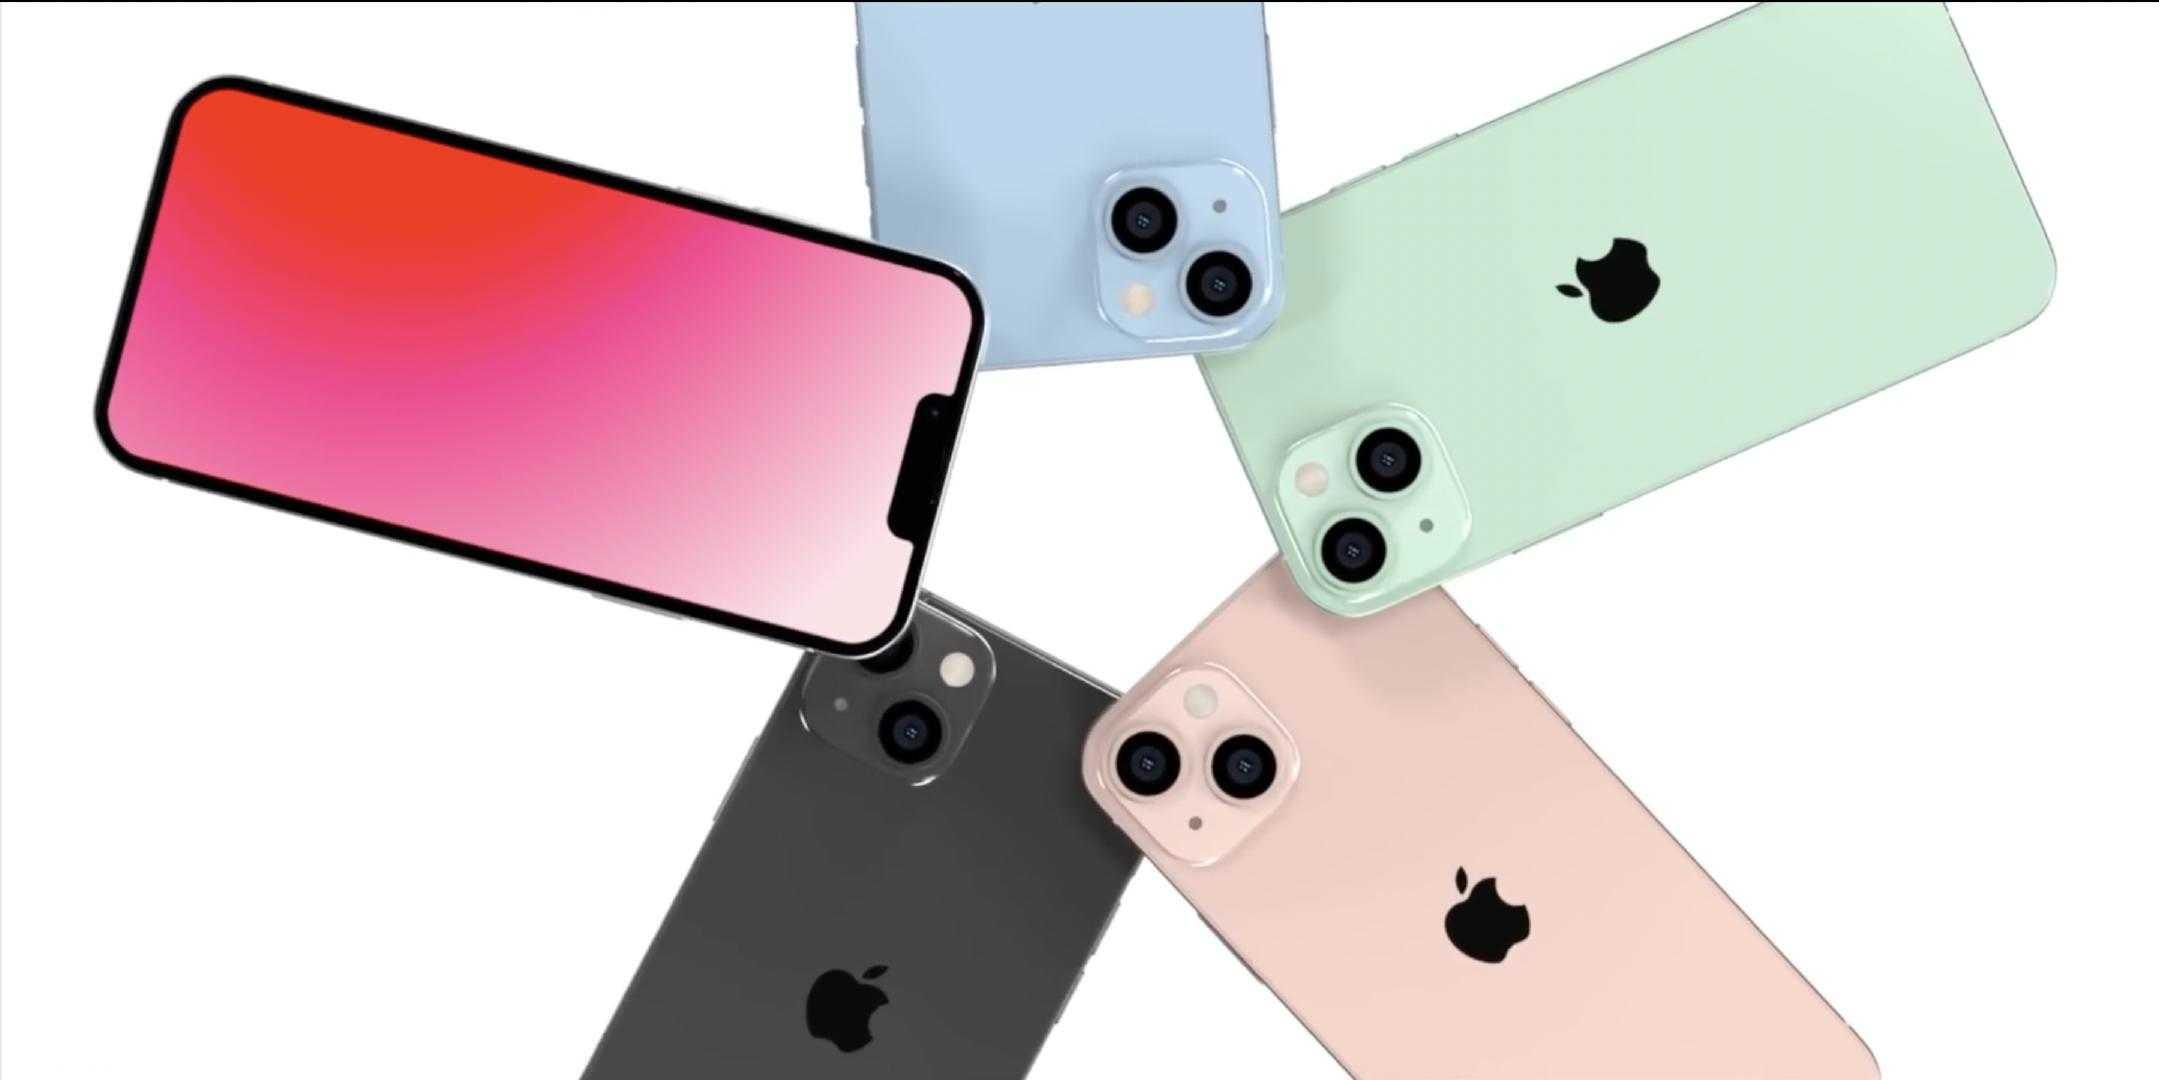 苹果13什么时候可以预定_苹果13预定时间